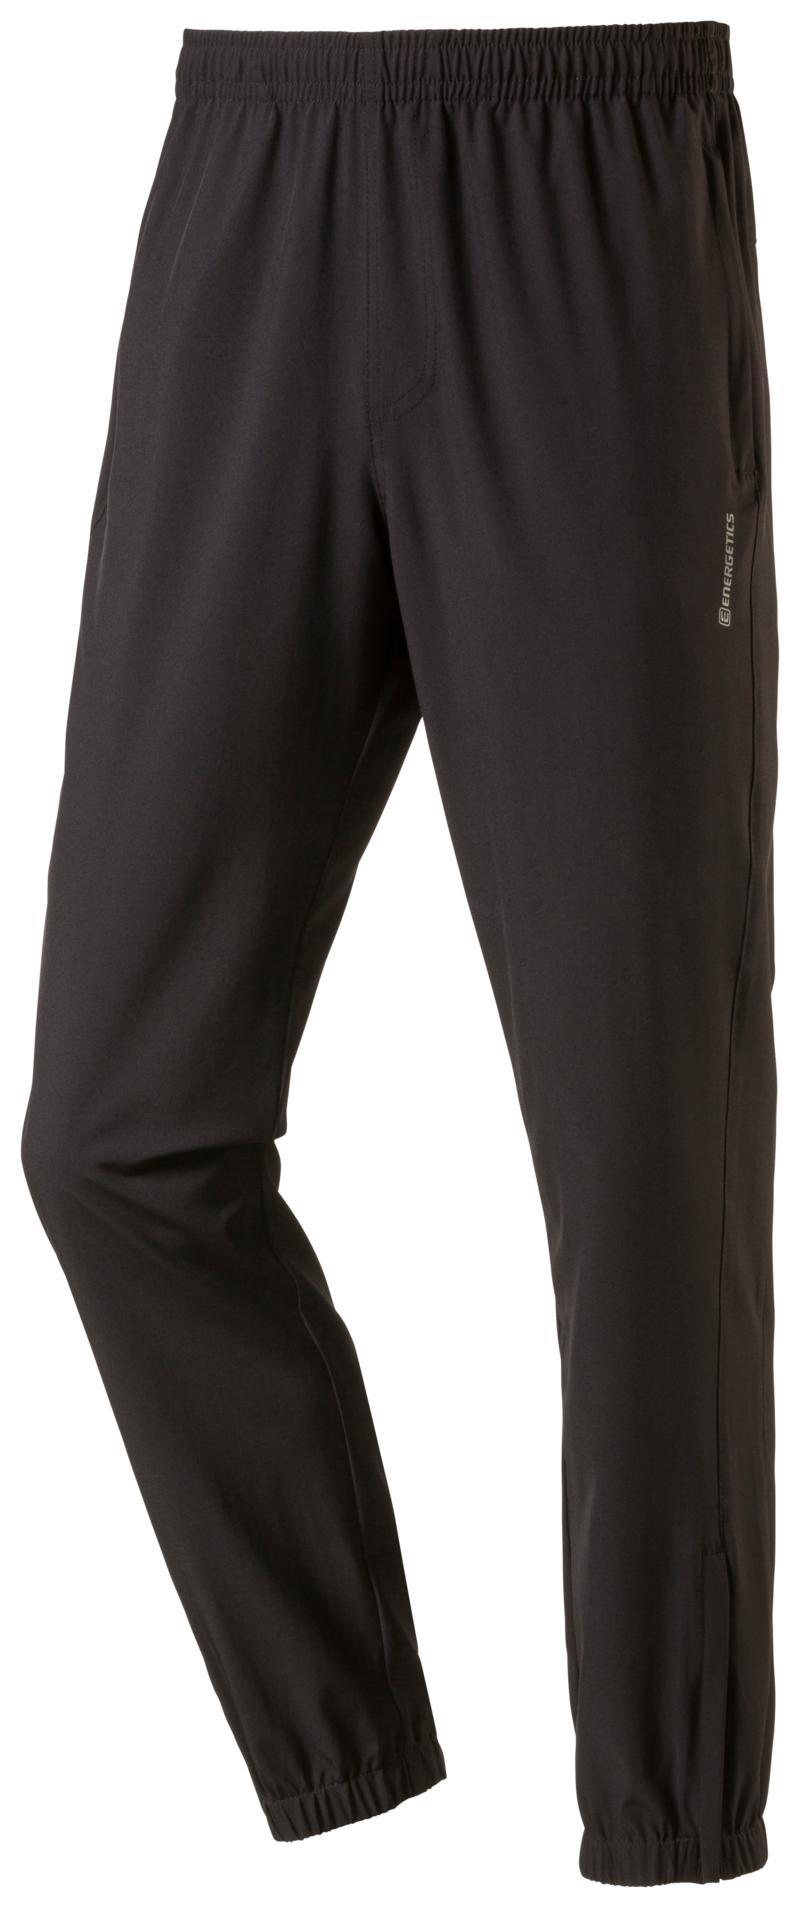 Energetics MAXIR Y UX, moške hlače, črna